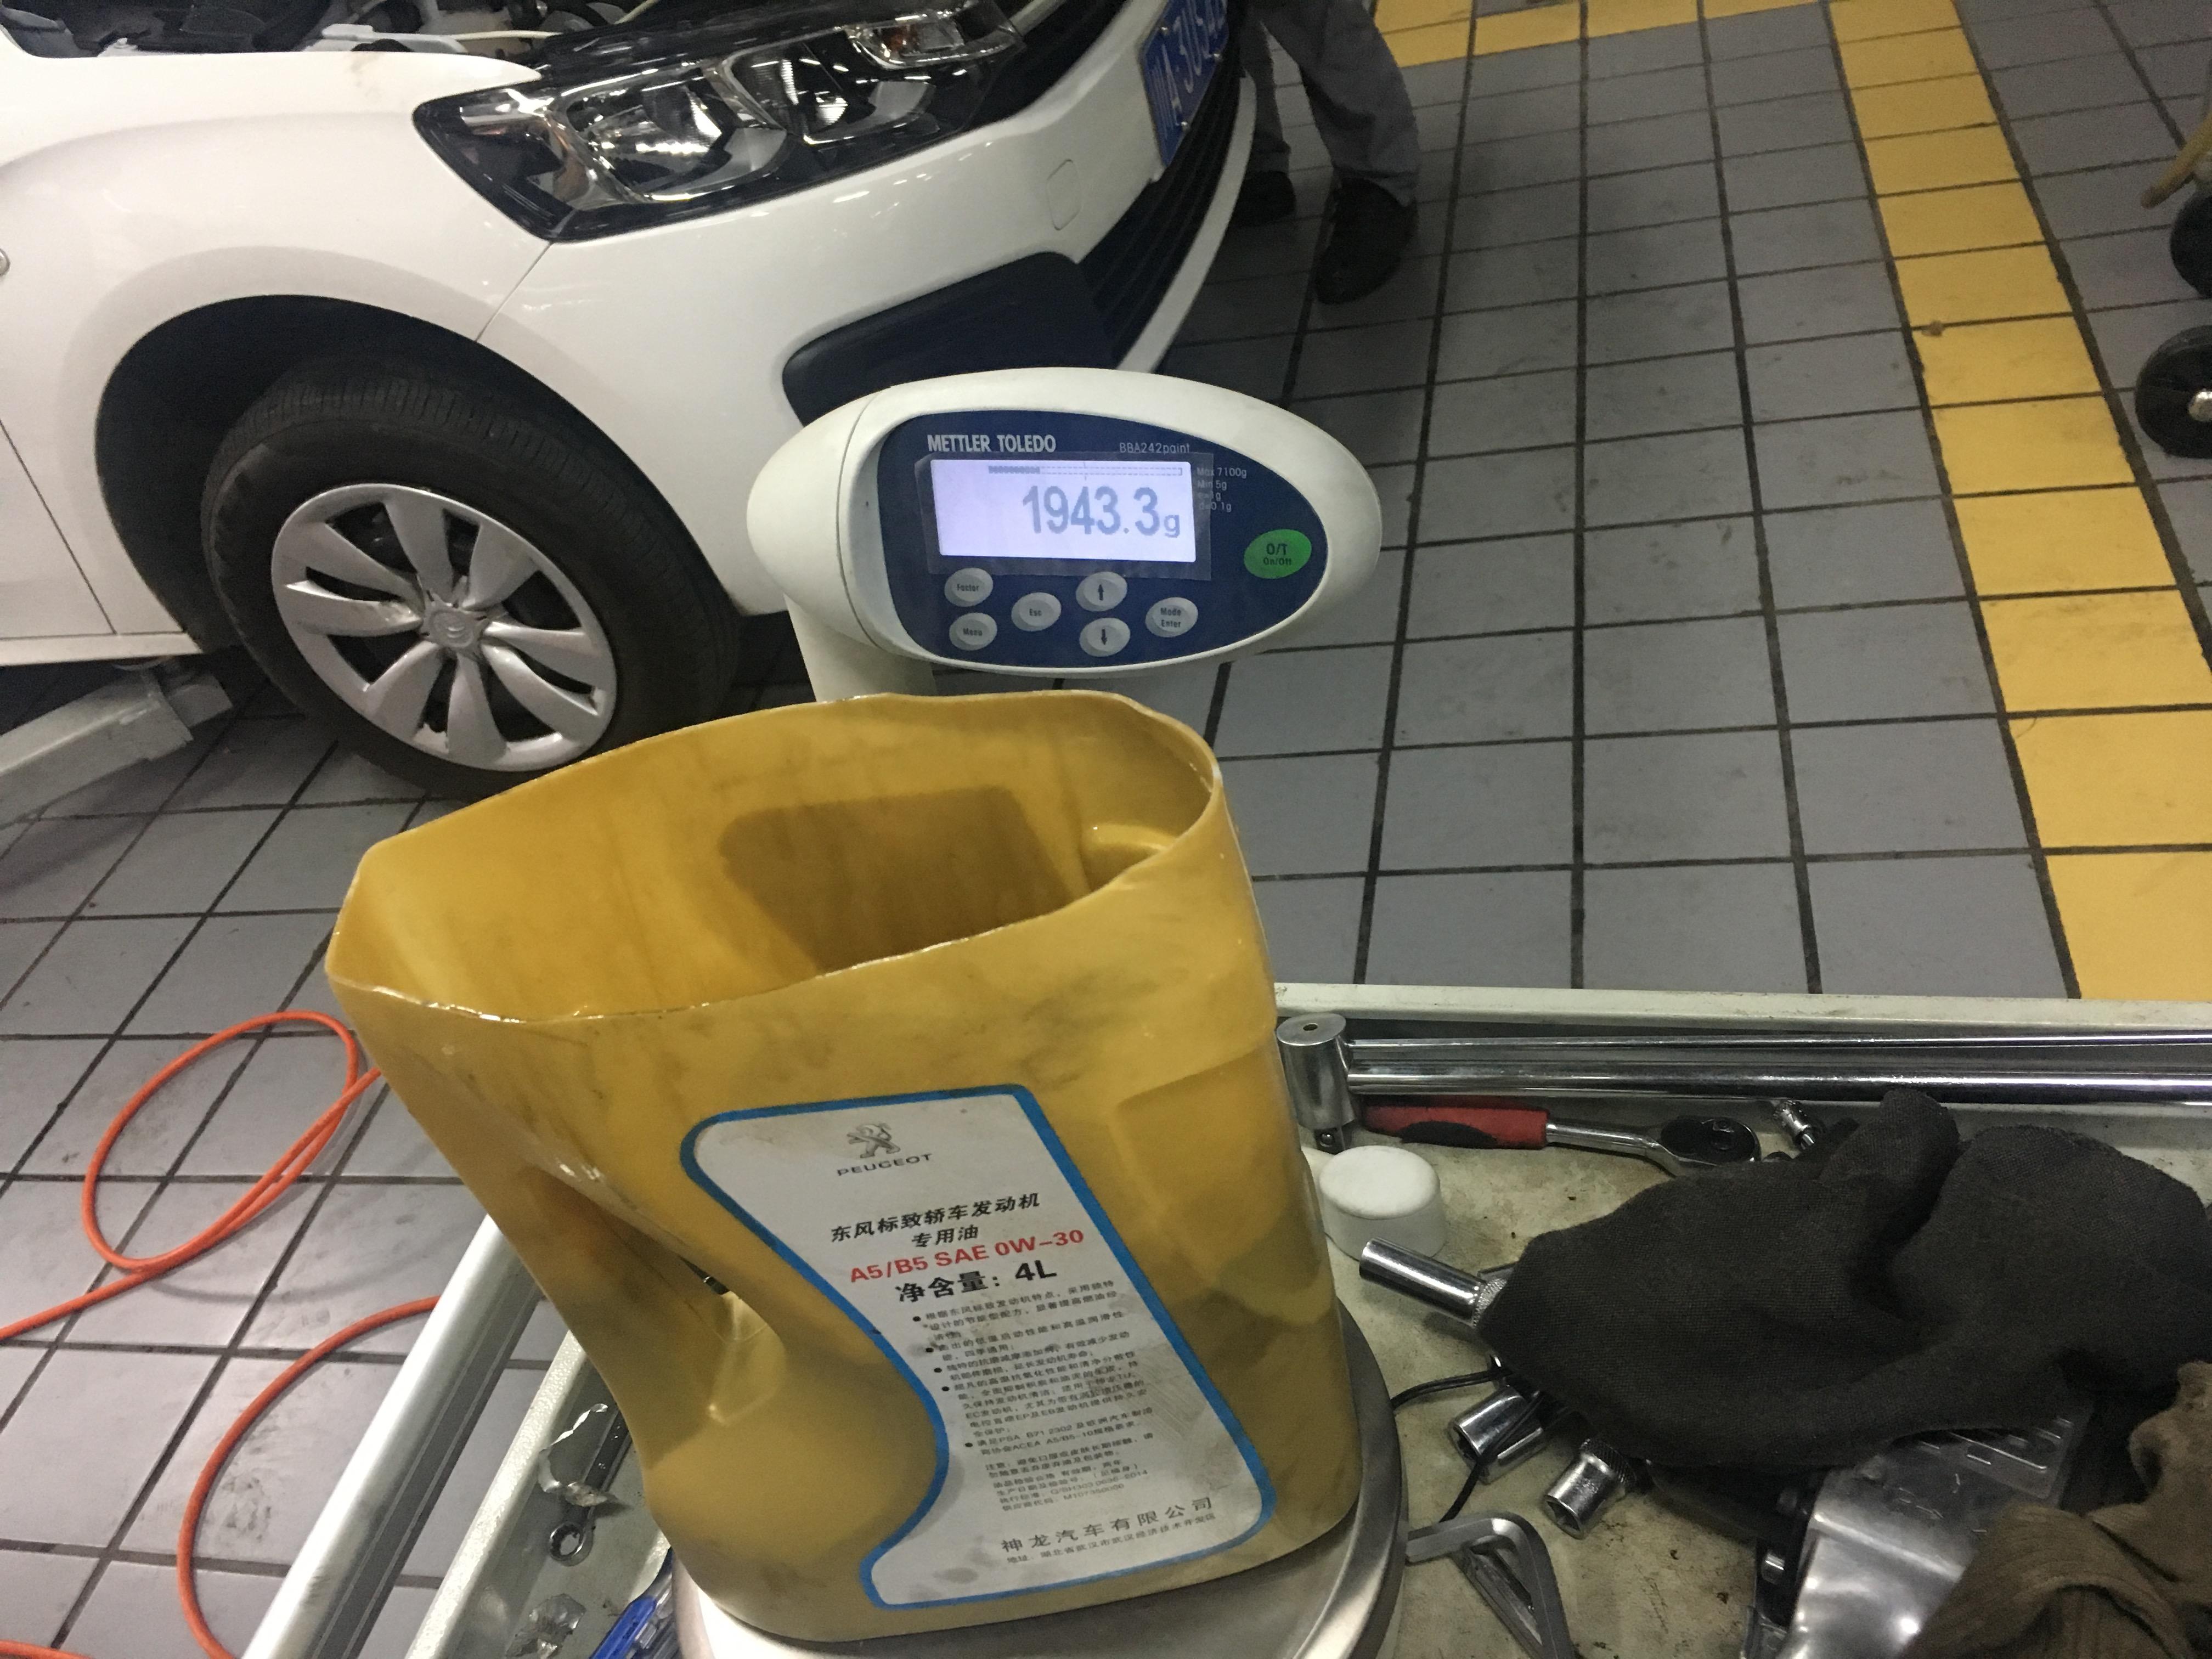 东风标致-标致408 1.2t烧机油严重,维修一个月没找到问题,